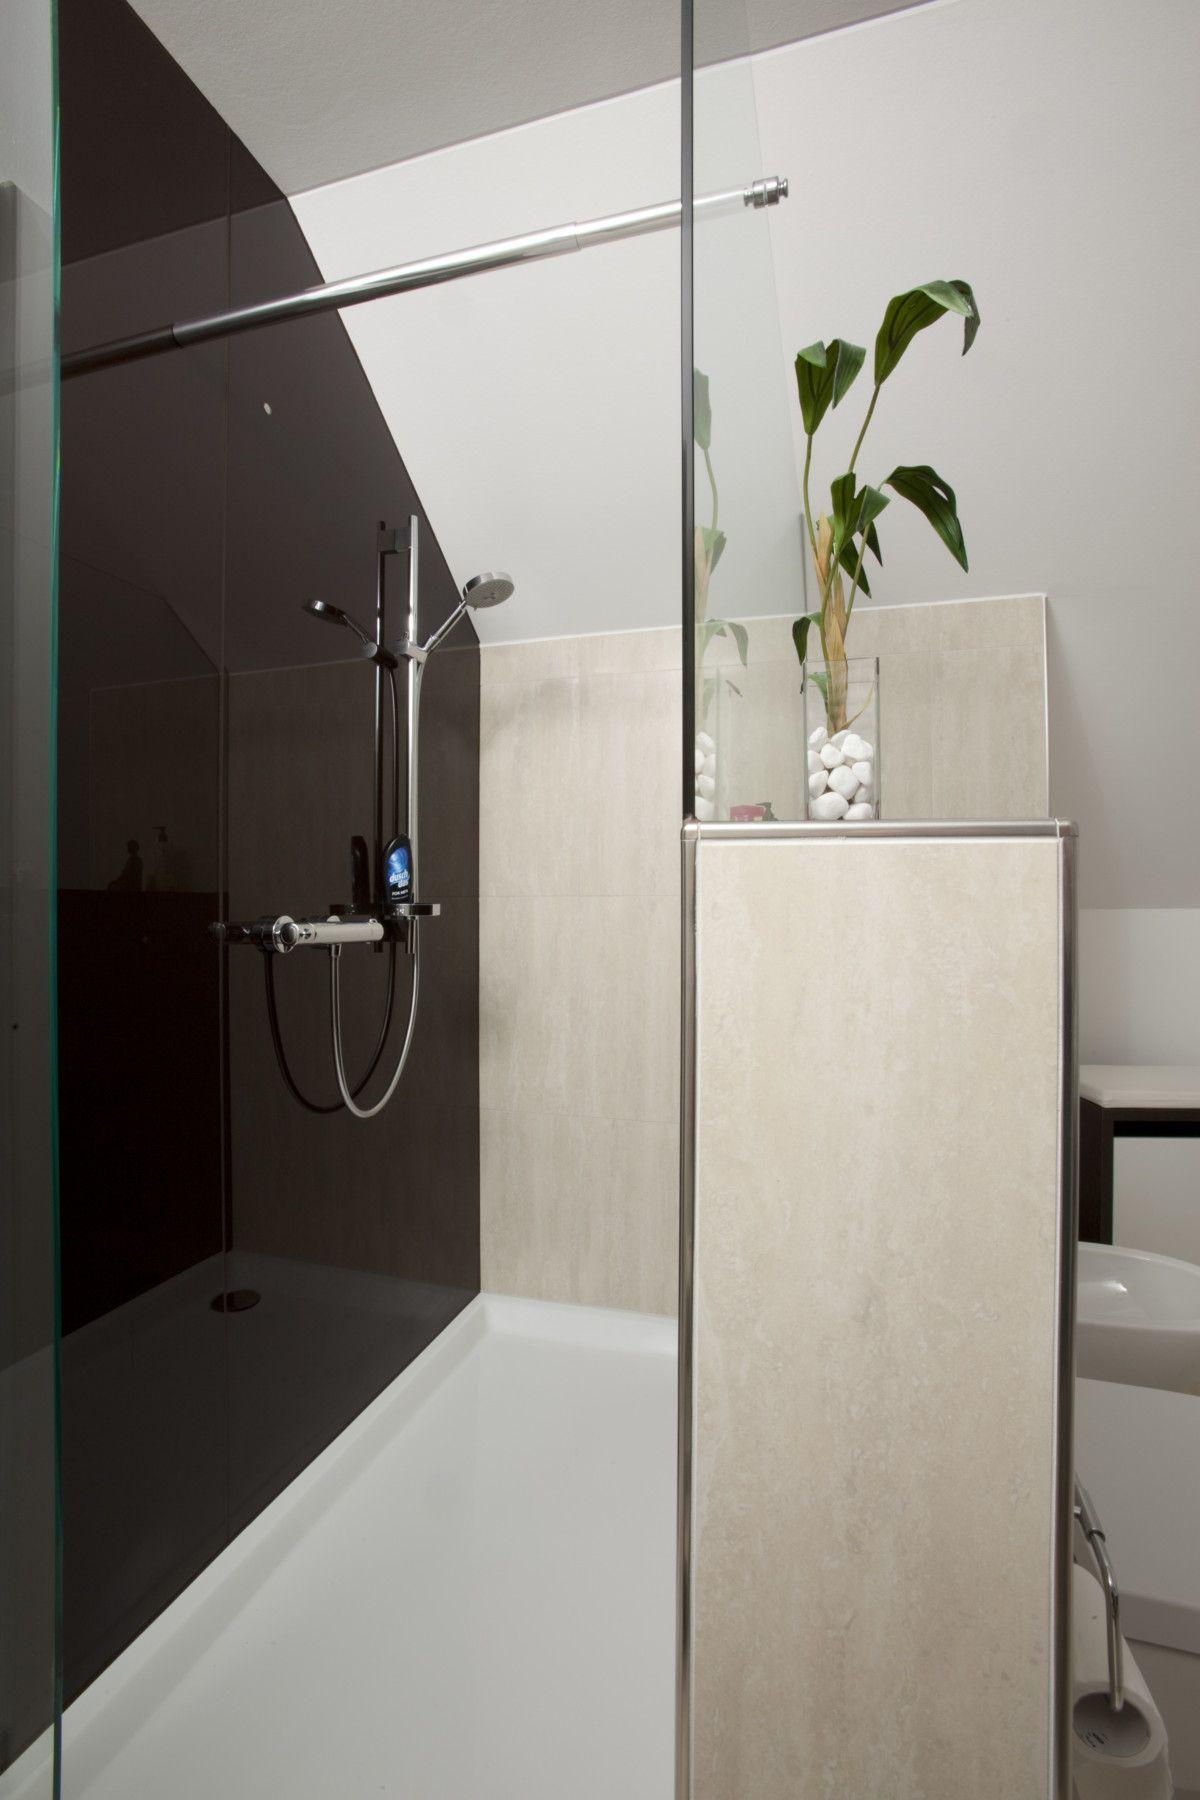 Dusche - Abtrennung gemauert mit Glaswand - Inneneinrichtung ...